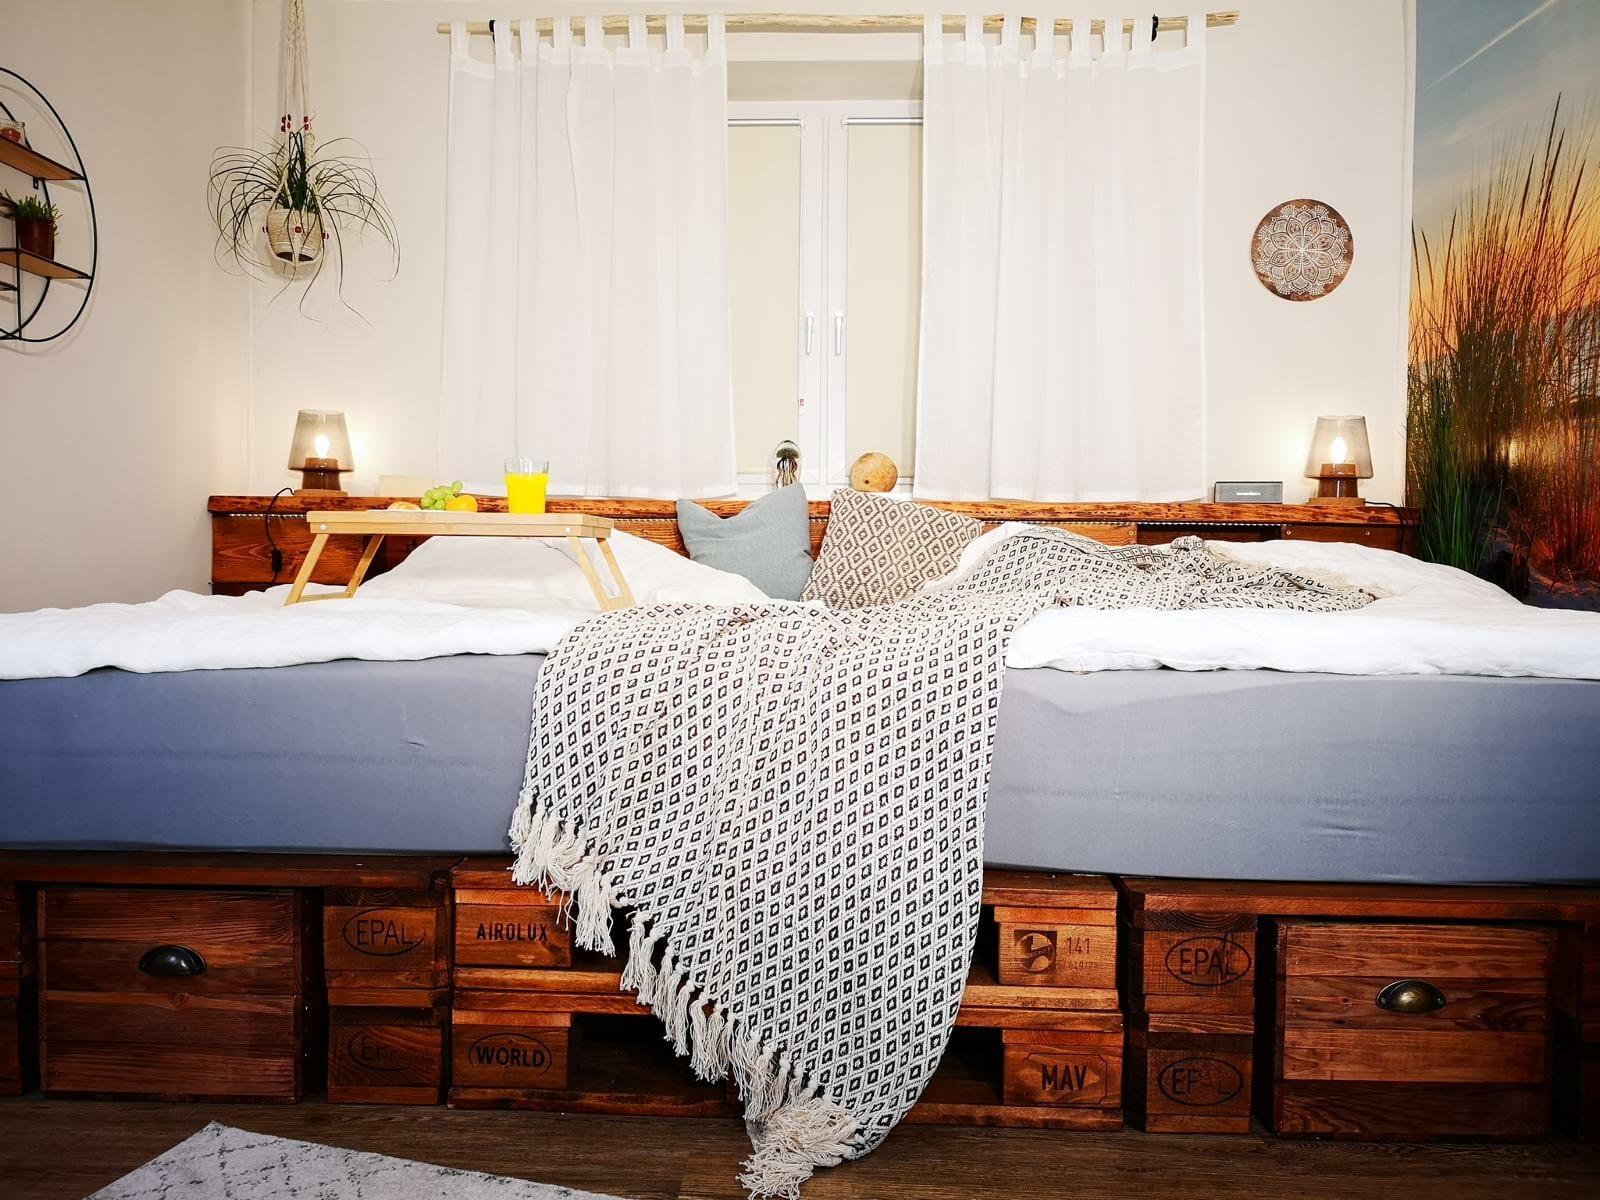 Full Size of Palettenbett Ikea 140x200 Küche Kosten Miniküche Betten Bei Modulküche Kaufen 160x200 Sofa Mit Schlaffunktion Wohnzimmer Palettenbett Ikea